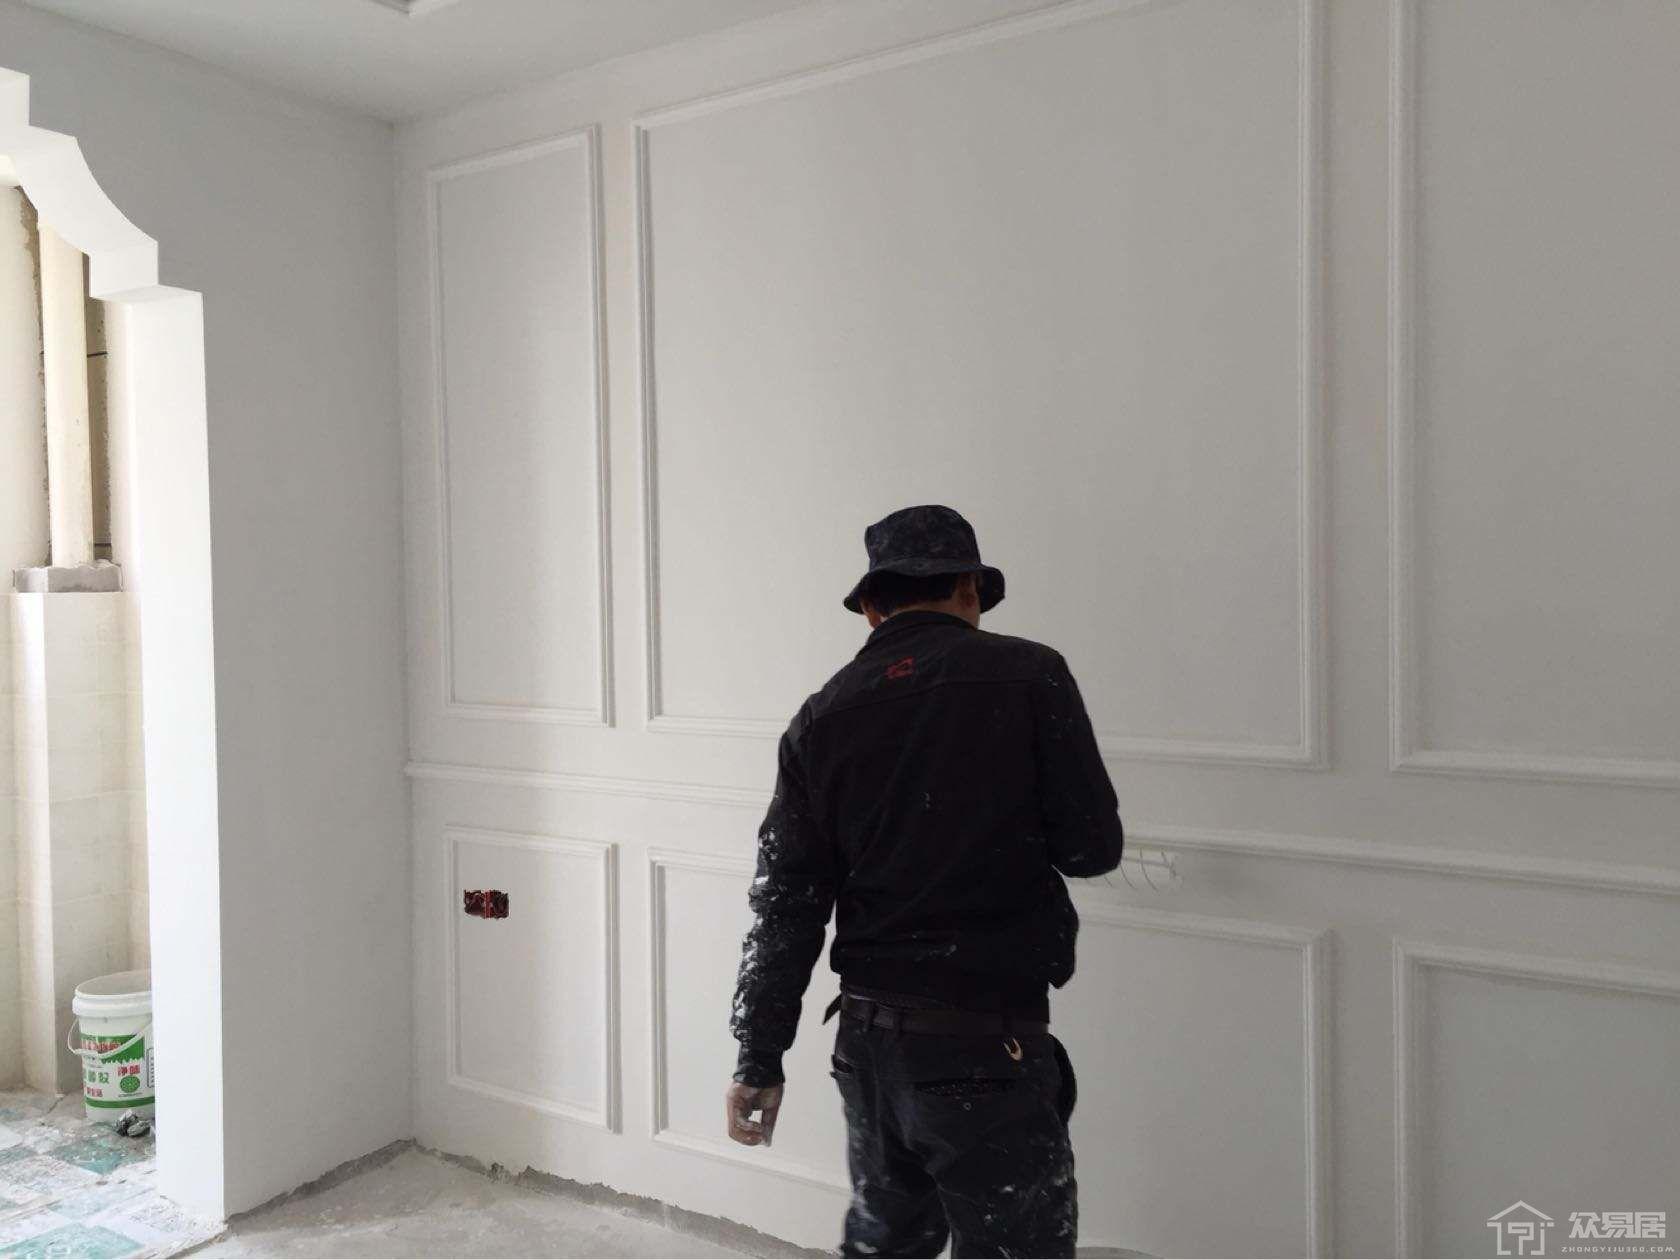 刷漆刷底漆的原因 刷底漆有什么作用